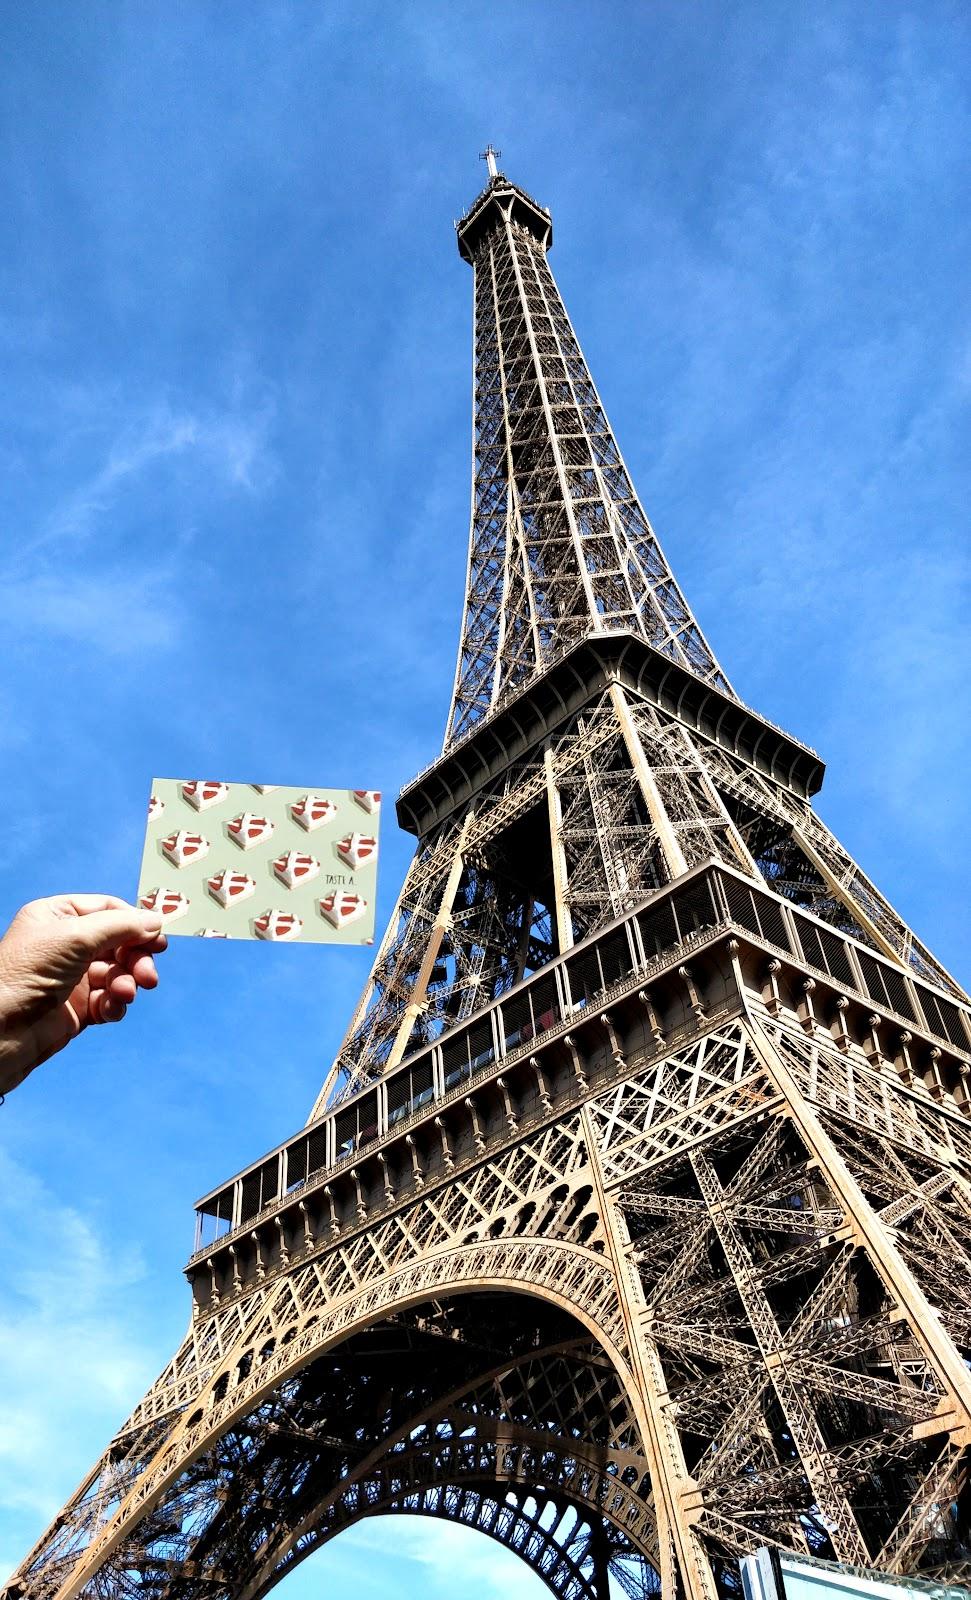 igy_orokitik_meg_legszebb_utazos_elmenyeiket_a_magyar_alkotok_ parizs